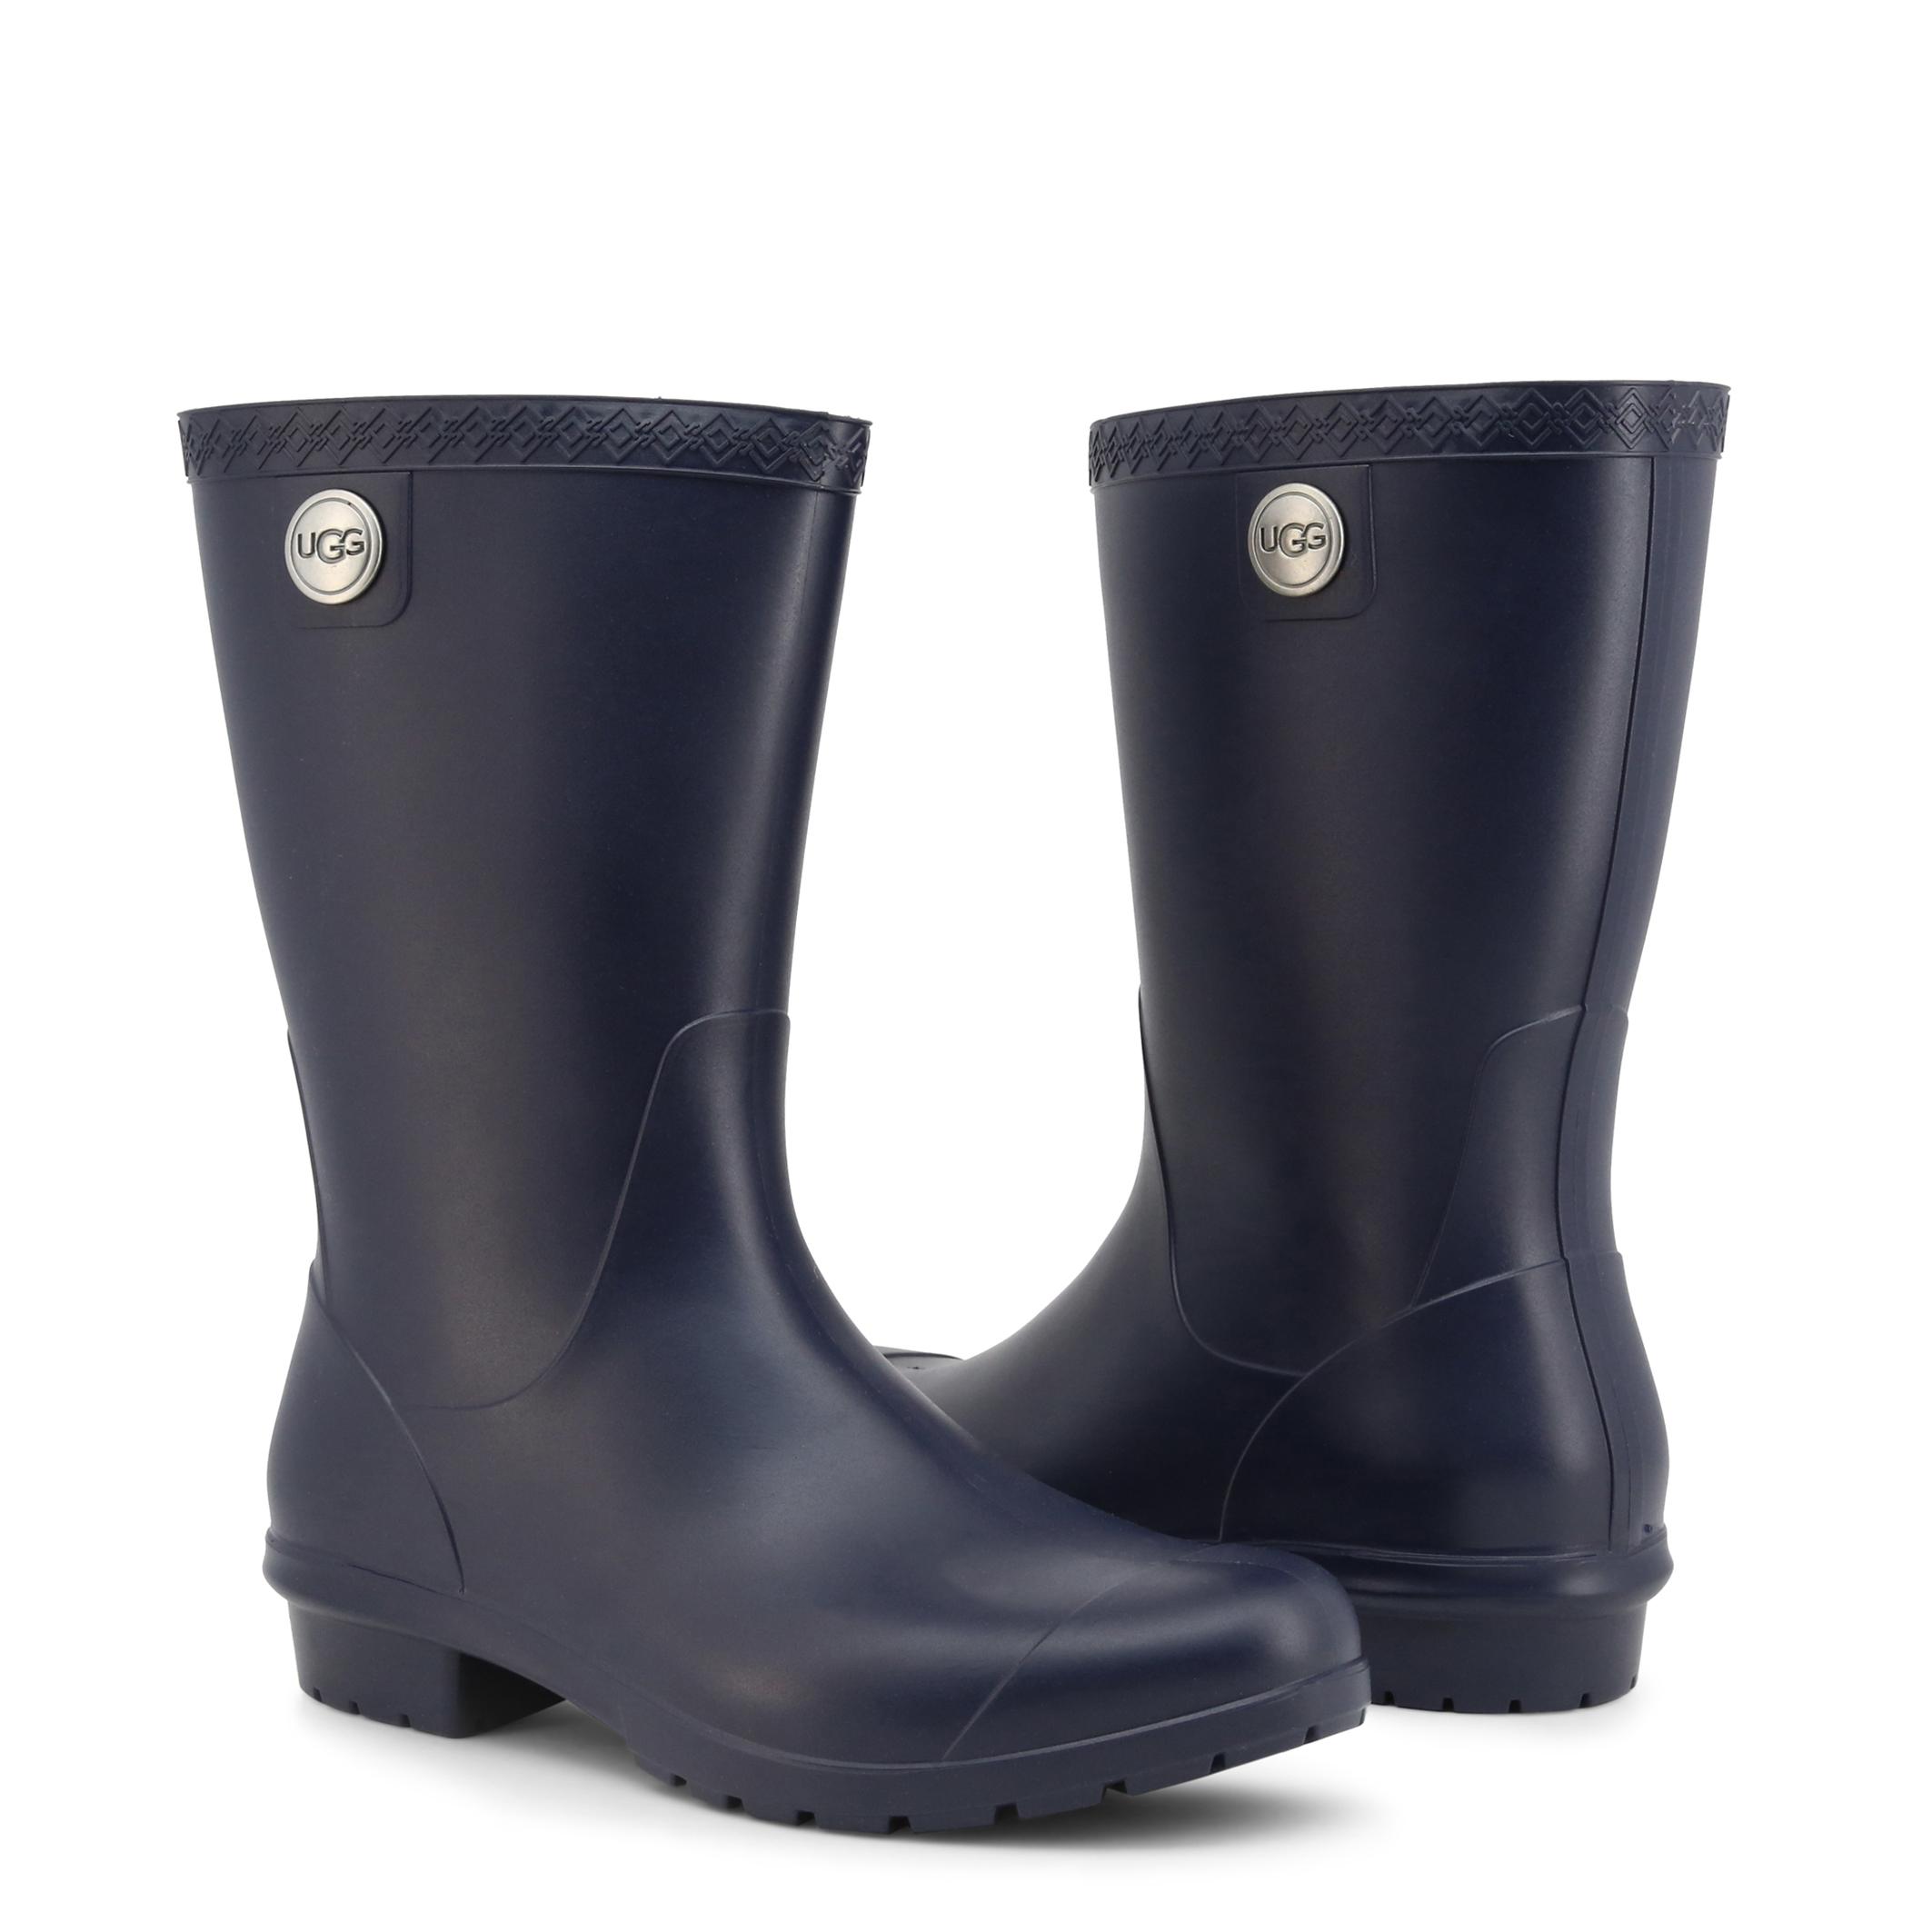 Chaussures  Ugg SIENNA_MATTE_1100510_NAVY blue